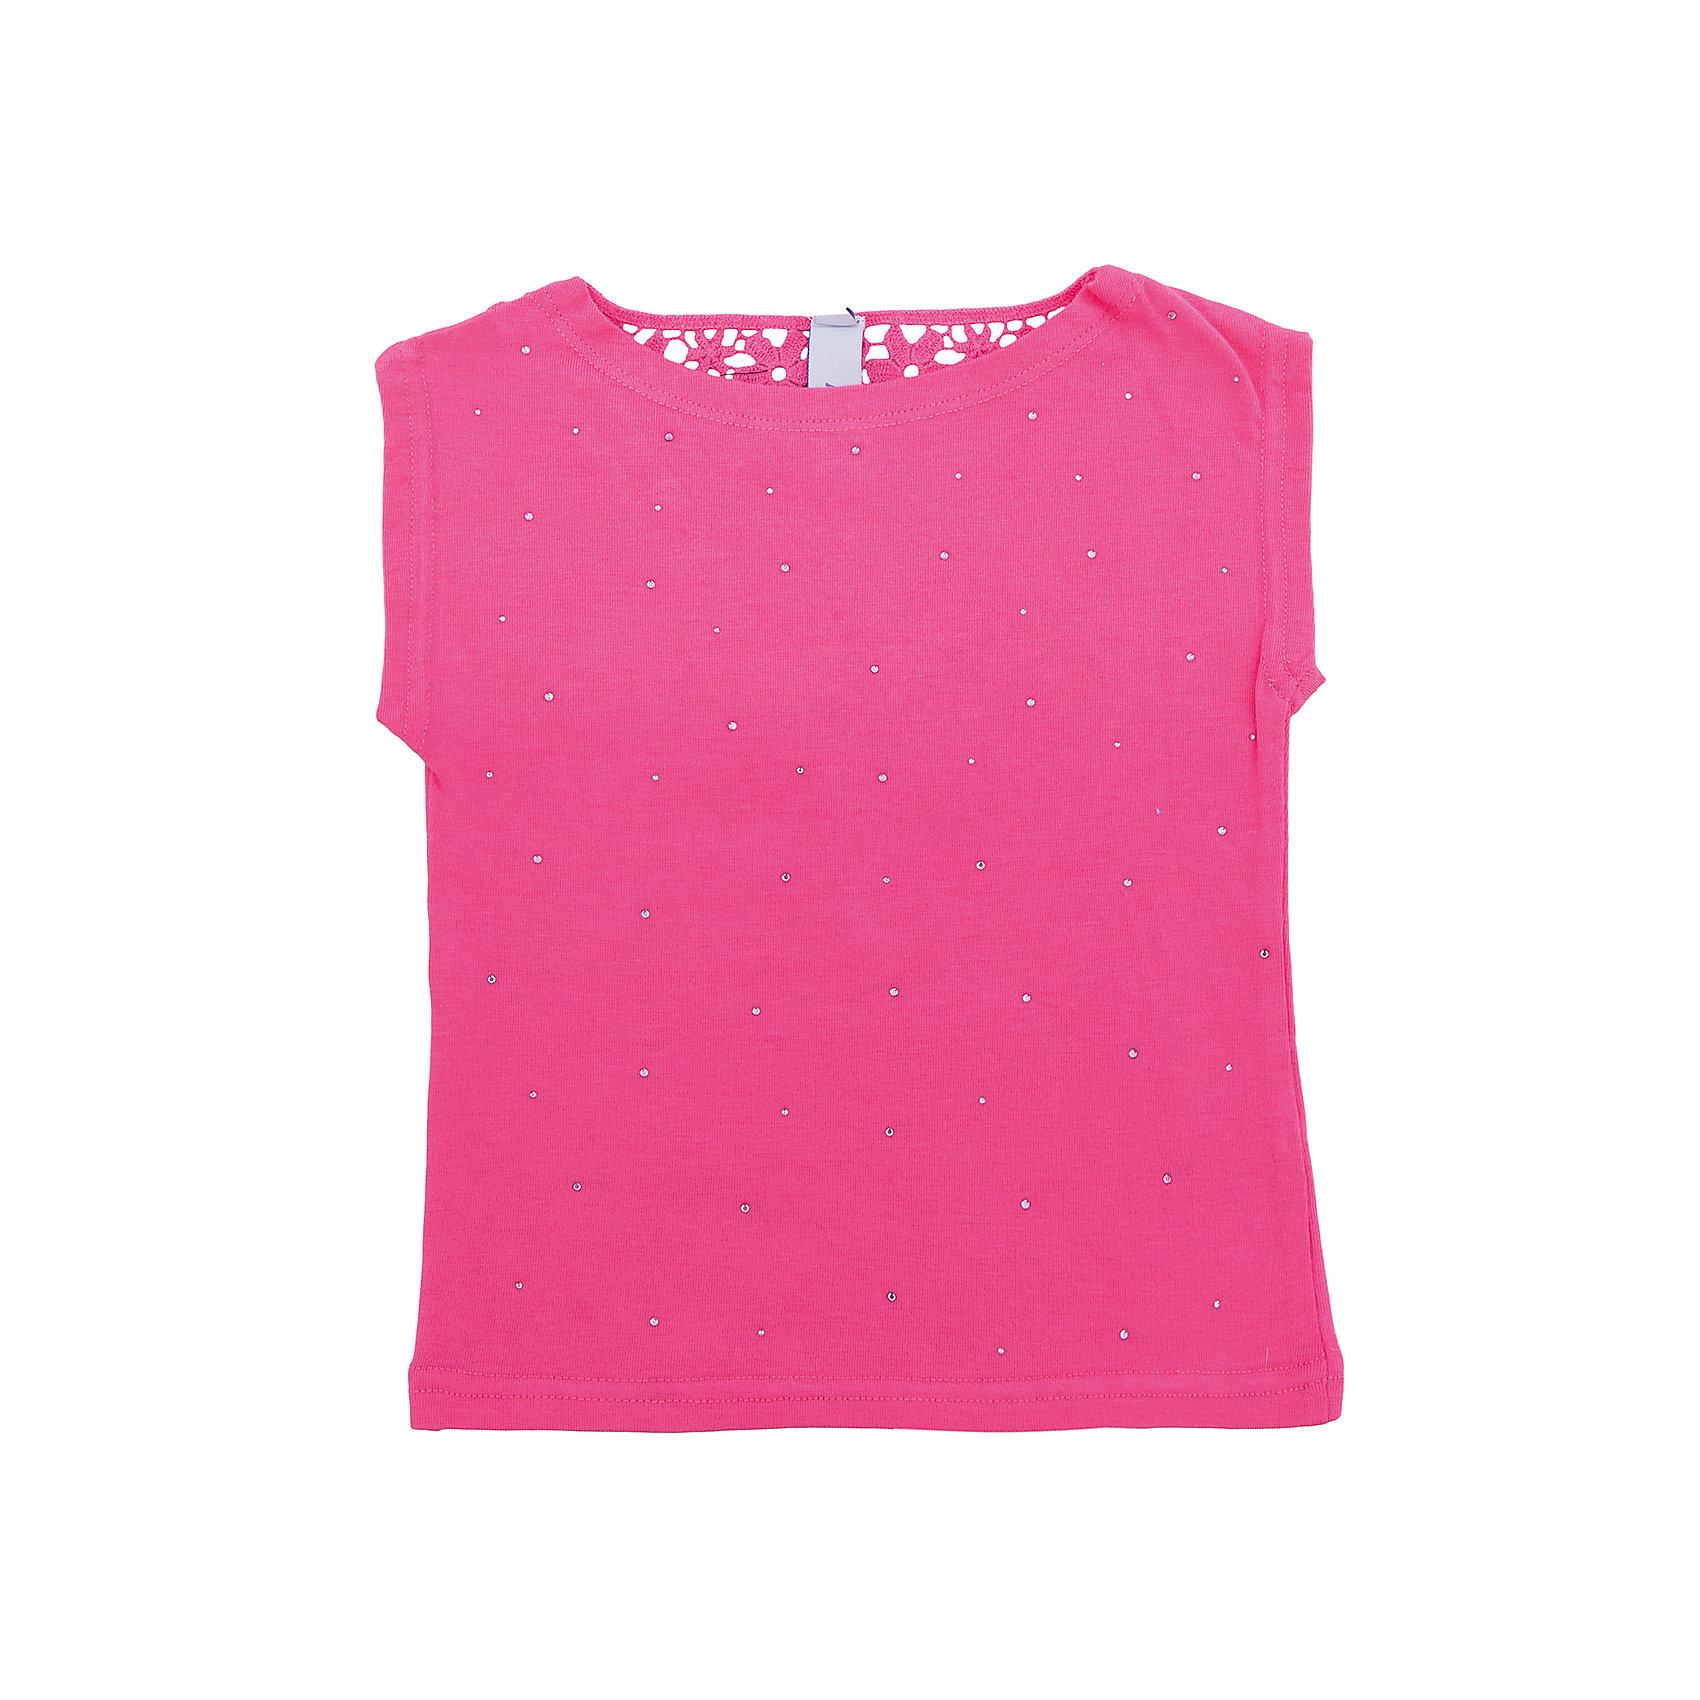 Футболка для девочки PlayTodayФутболки, поло и топы<br>Характеристики товара:<br><br>• цвет: розовый<br>• состав: 95% хлопок, 5% эластан<br>• однотонная<br>• дышащий материал<br>• мягкая окантовка<br>• эластичный трикотаж<br>• короткие рукава<br>• комфортная посадка<br>• коллекция: весна-лето 2017<br>• страна бренда: Германия<br>• страна производства: Китай<br><br>Популярный бренд PlayToday выпустил новую коллекцию! Вещи из неё продолжают радовать покупателей удобством, стильным дизайном и продуманным кроем. Дети носят их с удовольствием. <br>Такая стильная модель обеспечит ребенку комфорт благодаря качественному материалу и продуманному крою. В составе ткани - натуральный хлопок, который позволяет коже дышать и не вызывает аллергии. Такие вещи очень просты в уходе.<br>PlayToday - это линейка товаров, созданная специально для детей. Дизайнеры учитывают новые веяния моды и потребности детей. Порадуйте ребенка обновкой от проверенного производителя!<br><br>Футболку для девочки от известного бренда PlayToday можно купить в нашем интернет-магазине.<br><br>Ширина мм: 199<br>Глубина мм: 10<br>Высота мм: 161<br>Вес г: 151<br>Цвет: розовый<br>Возраст от месяцев: 6<br>Возраст до месяцев: 9<br>Пол: Женский<br>Возраст: Детский<br>Размер: 74,86,80,92<br>SKU: 5603838